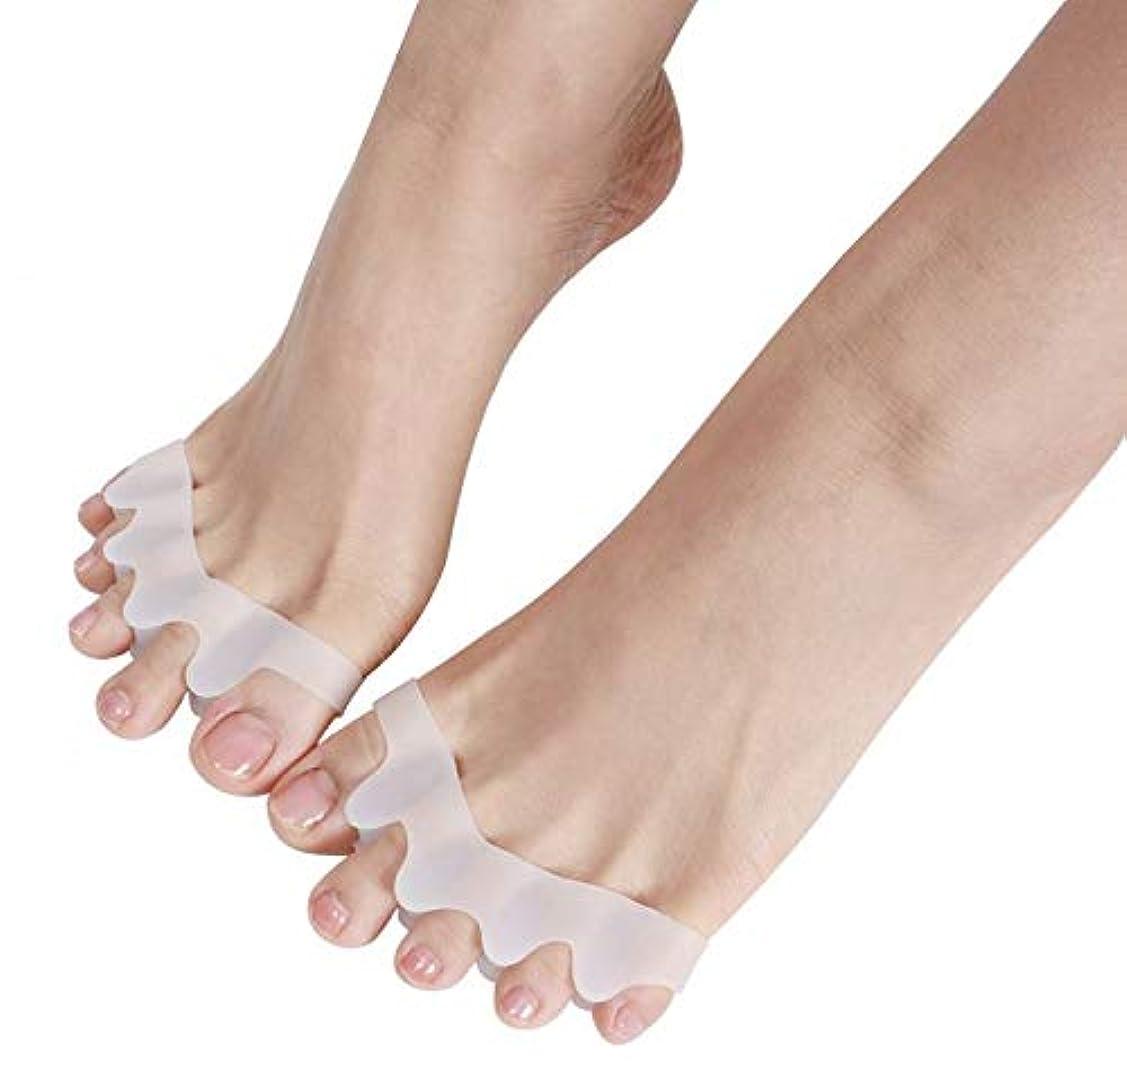 アボート重さリテラシーlucrubun 足の痛みの対策 ちゃんとしてますか。 足指矯正パッド 外反母趾 足のゆがみ 男女性兼用 シリコンサポーター 両足セット 足の痛み対策に 足指矯正シリコンサポーター 外反母趾の矯正にも効果的 男女兼用 洗...